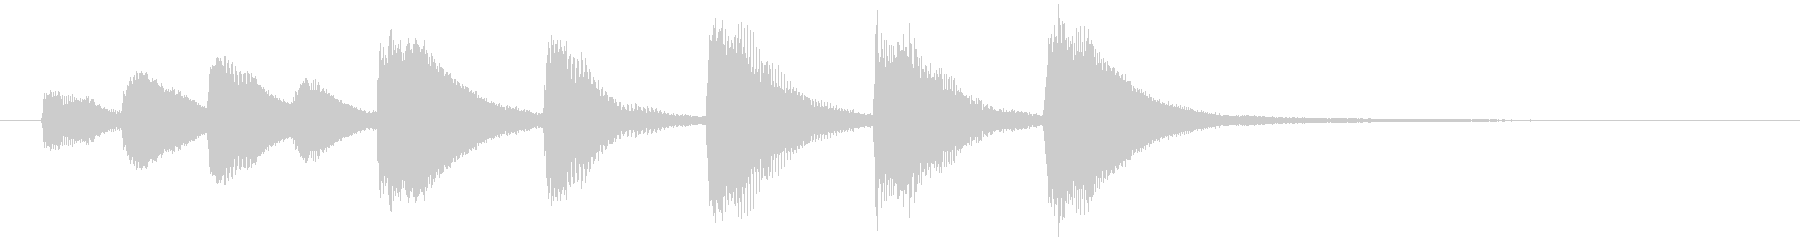 シンプルで可愛いジングル/ピアノ/鉄琴の未再生の波形